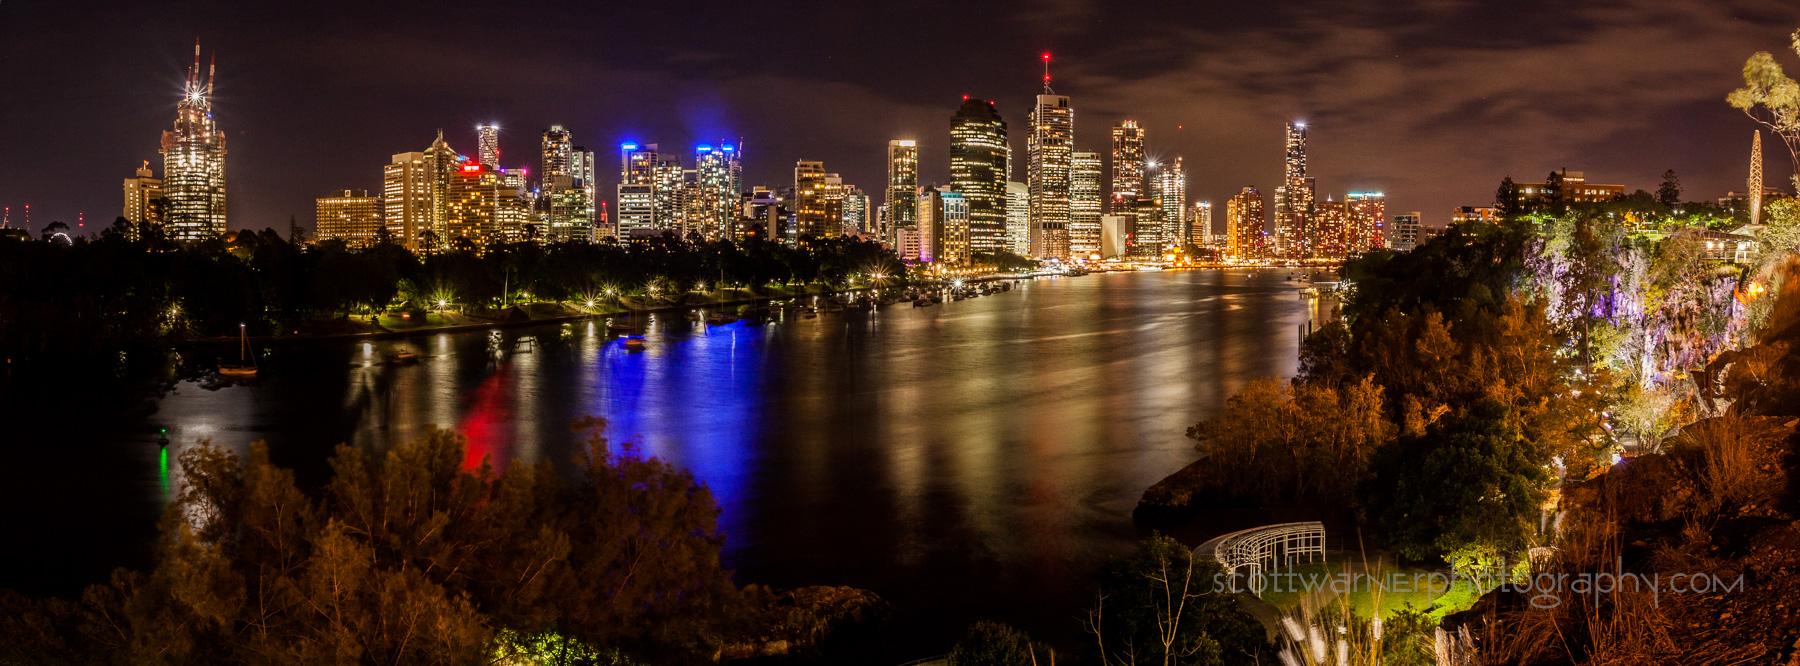 The CBD from Kangaroo point. A 2 shot panorama